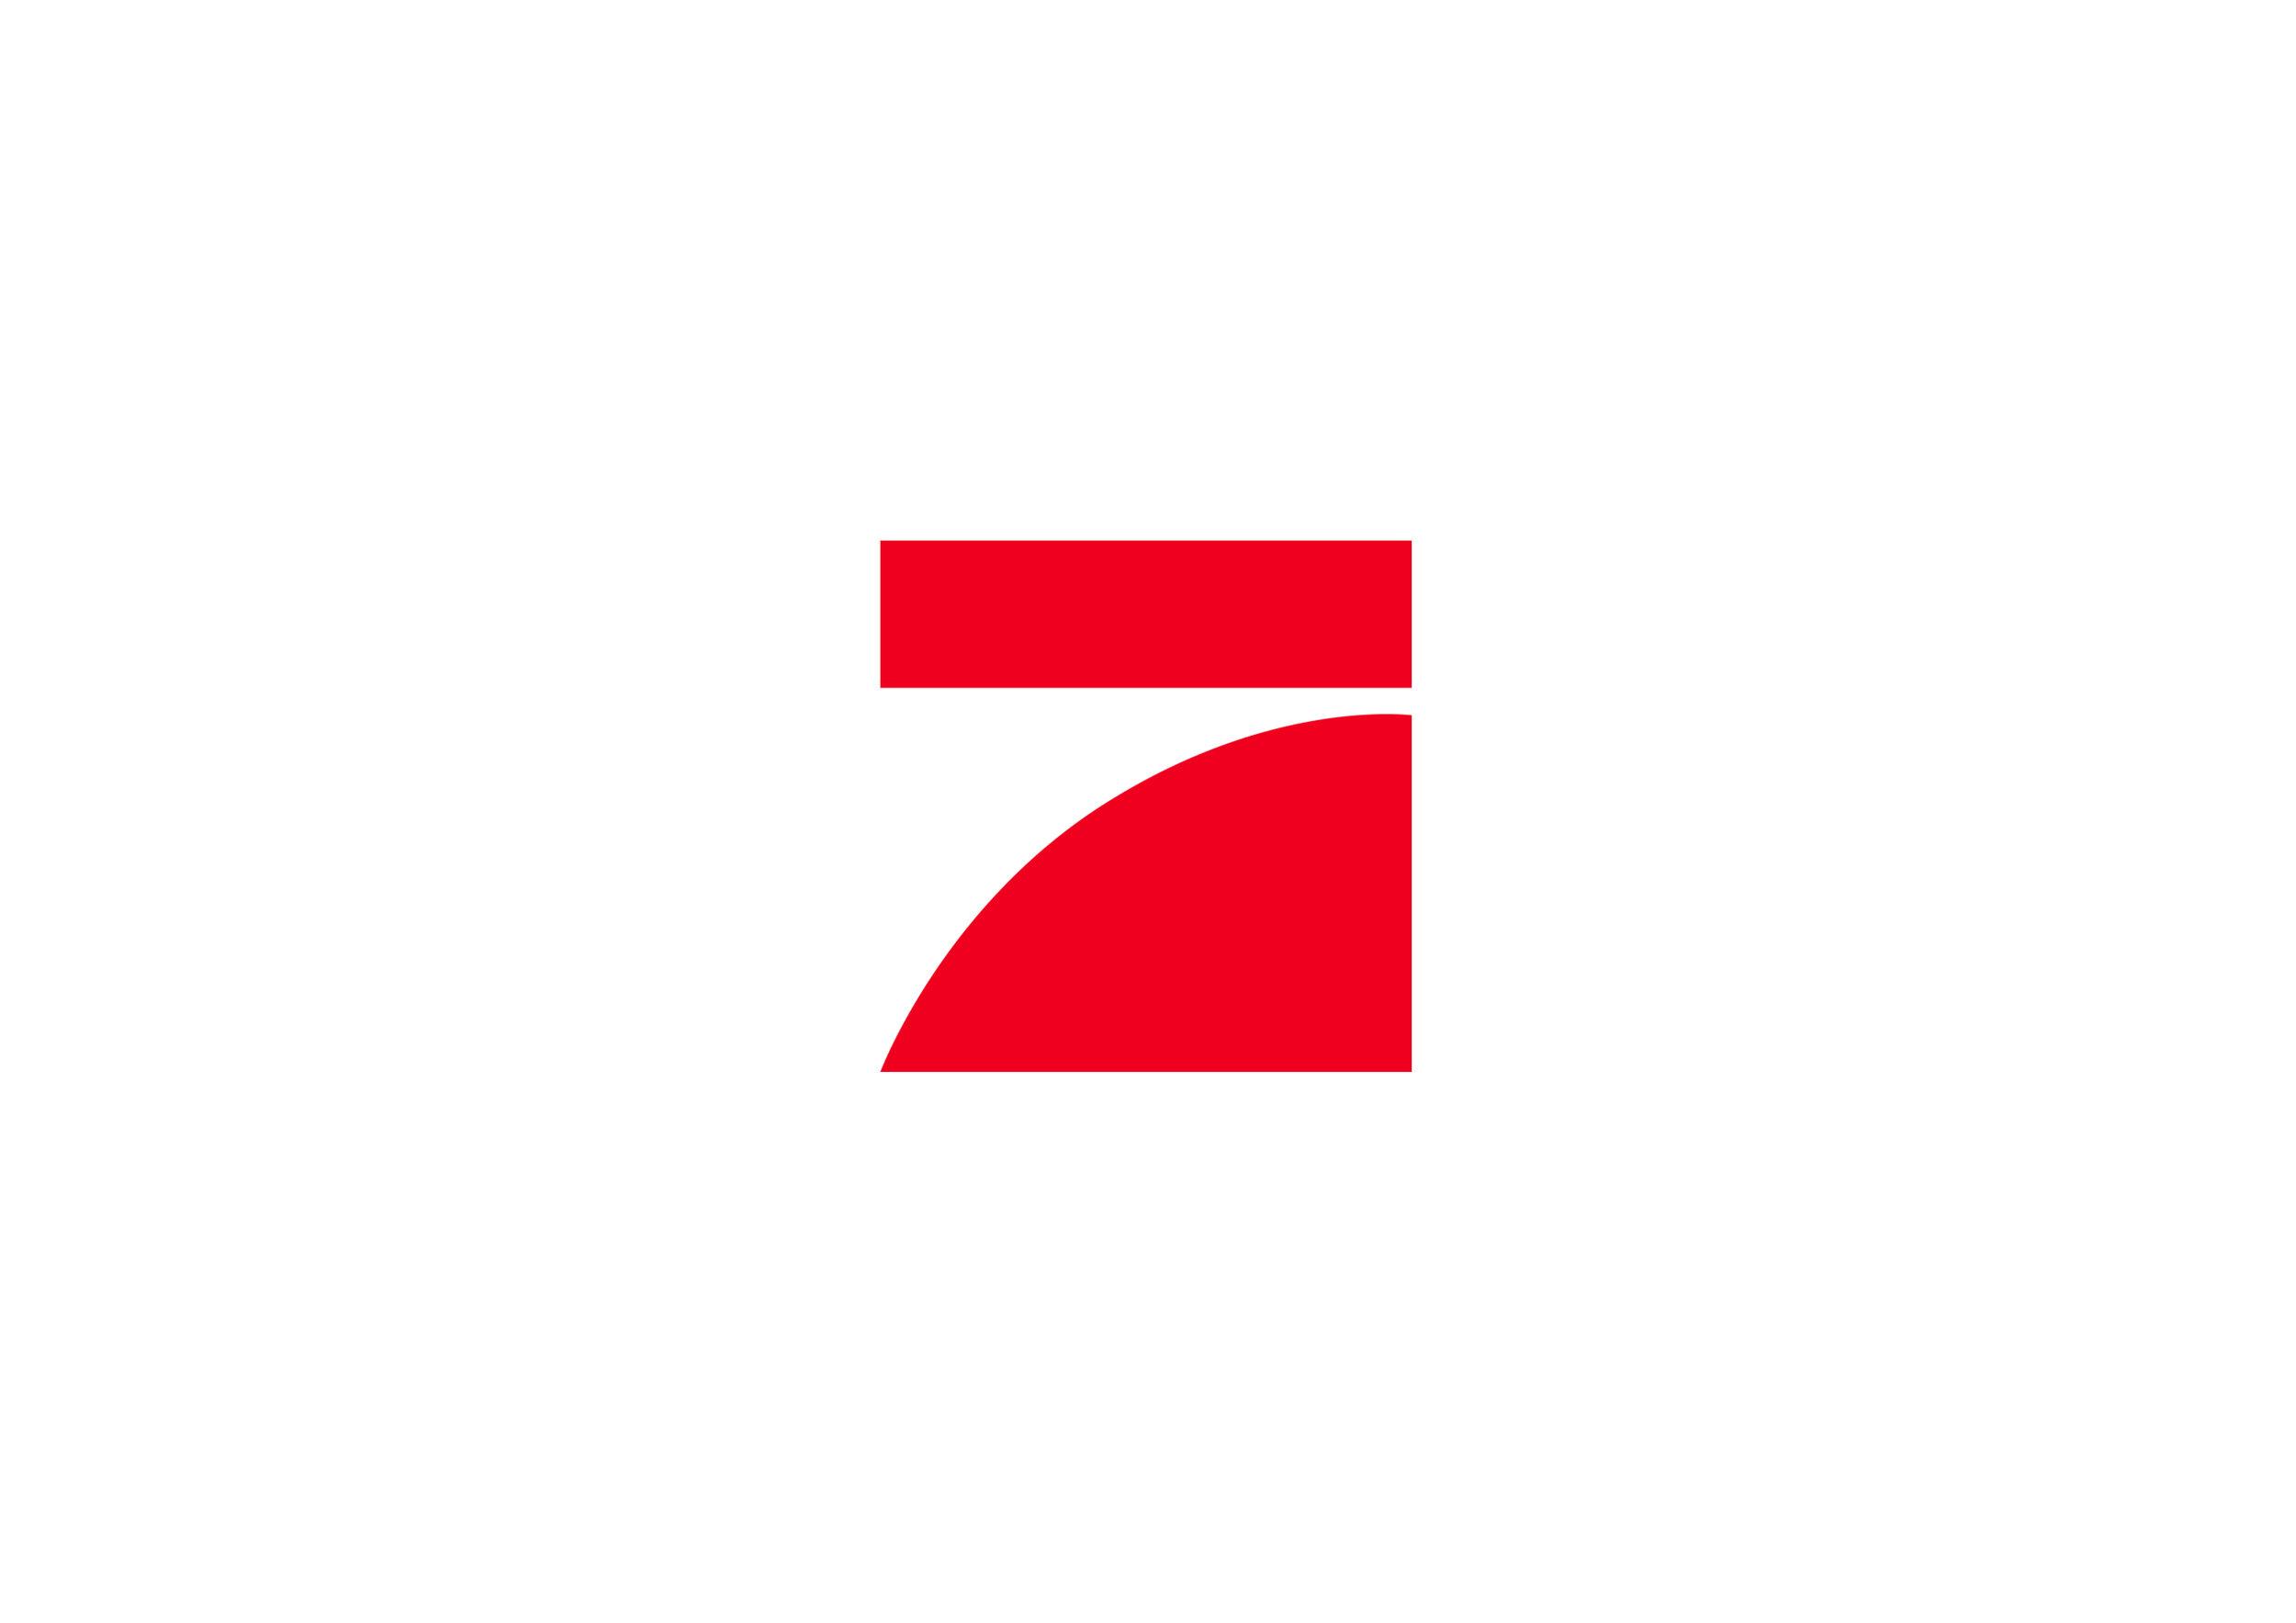 ProSieben-Logo-500.jpg